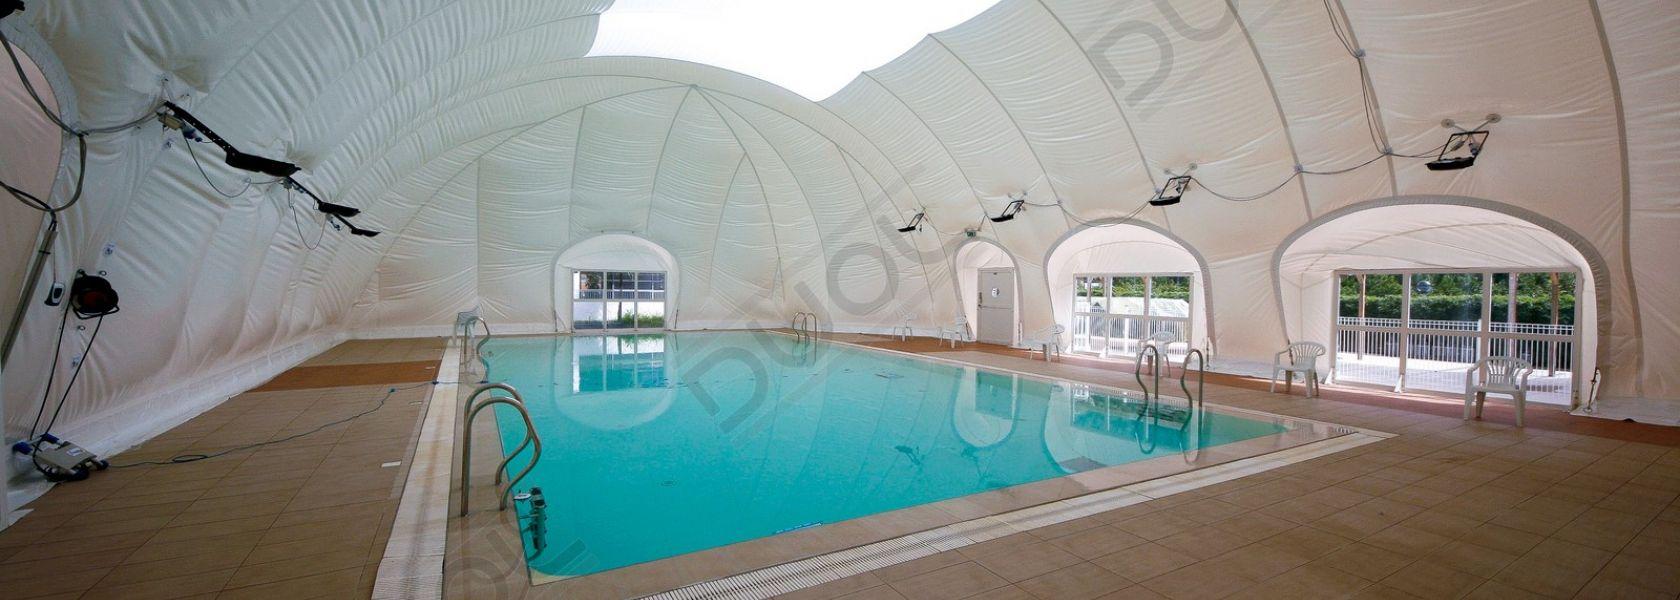 Le Sagone swimming-pool | DUOL - Traglufthallen